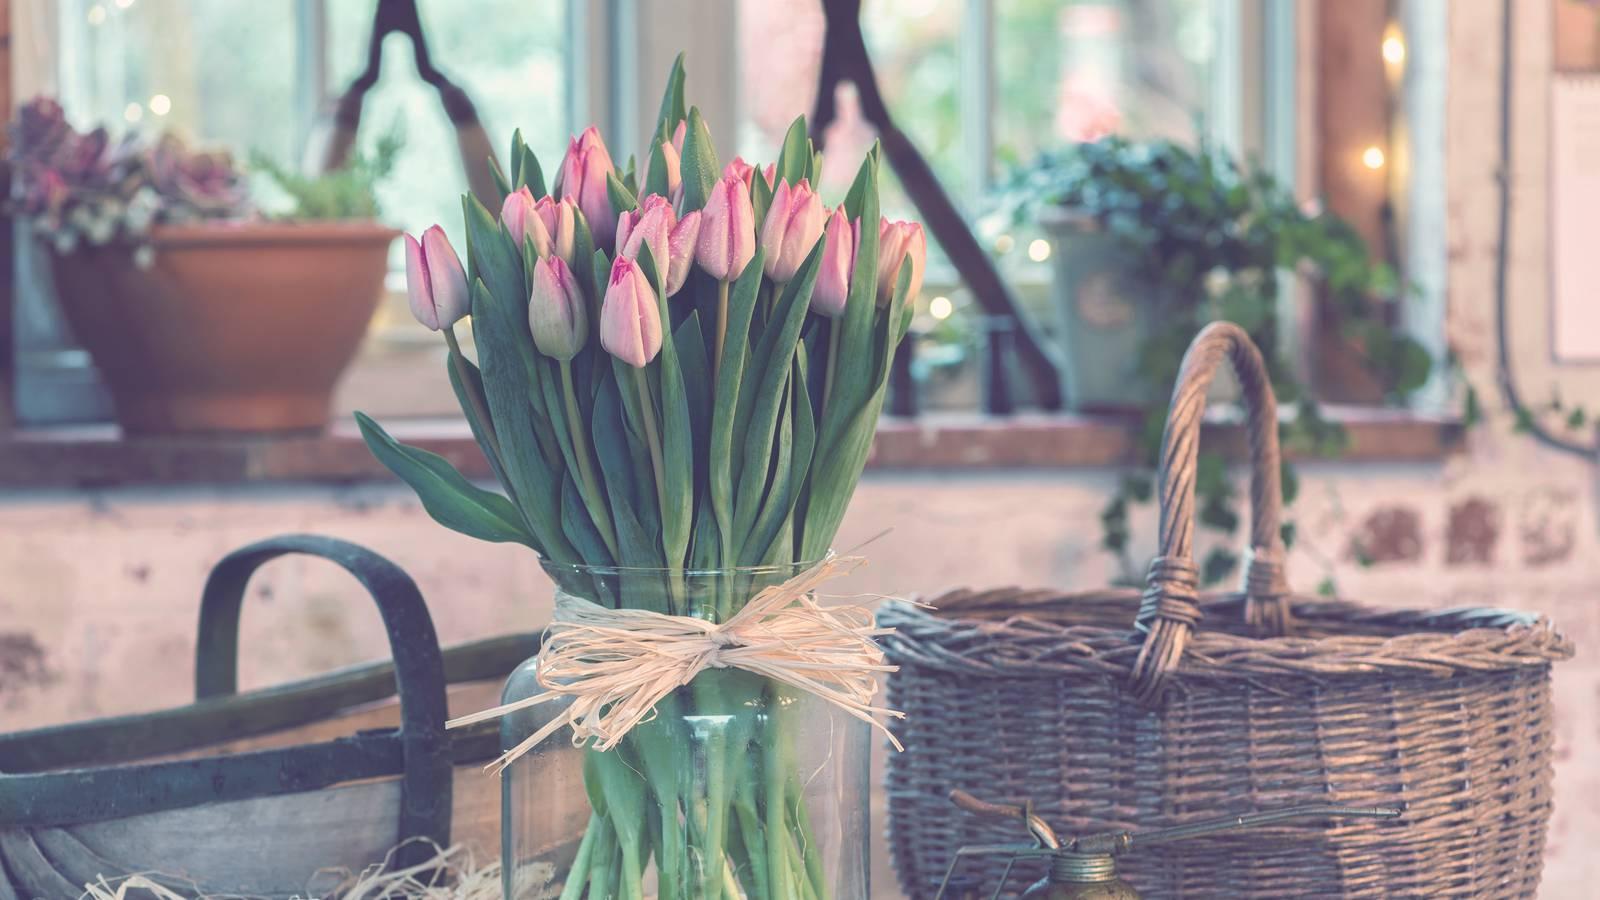 Blätter am Blumenstiel dürfen nicht ins Wasser gelangen, sonst entstehen Bakterien und die Haltbarkeit der Blumen leidet darunter. (© Unsplash)